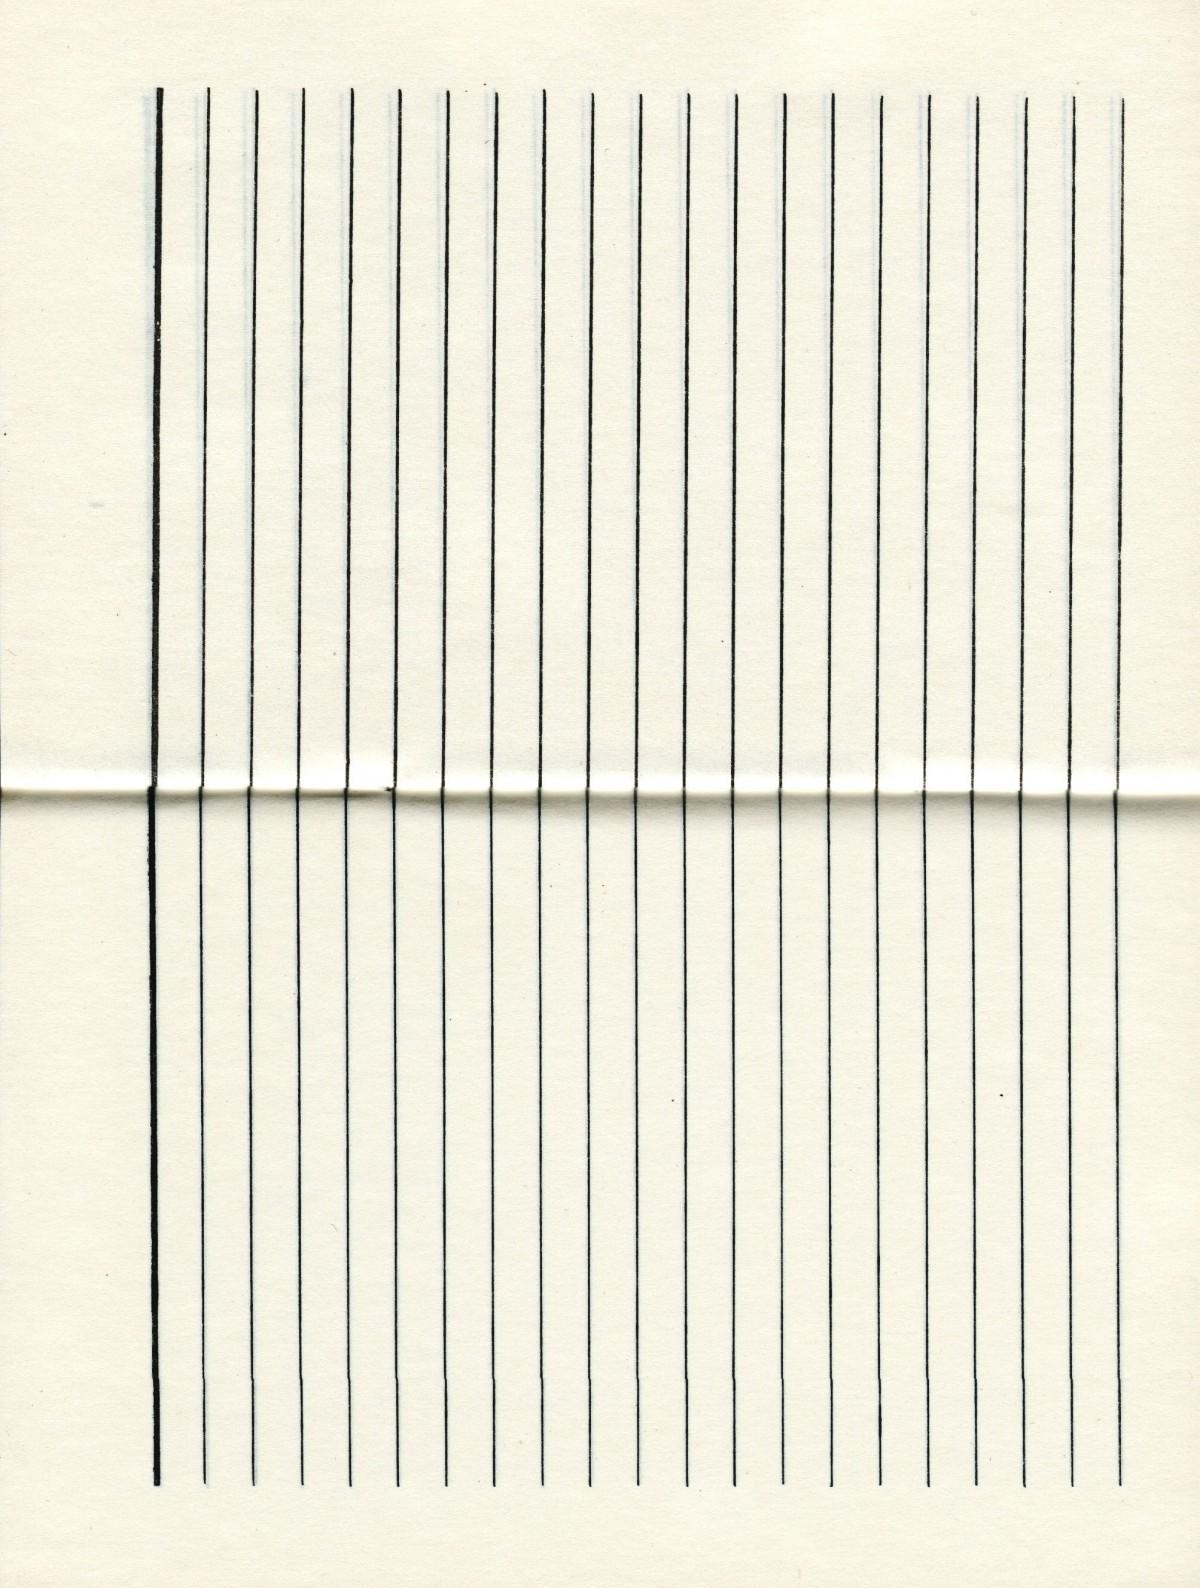 Fotos gratis espiral patr n l nea texto papel rayado for Estudiar diseno de interiores online gratis